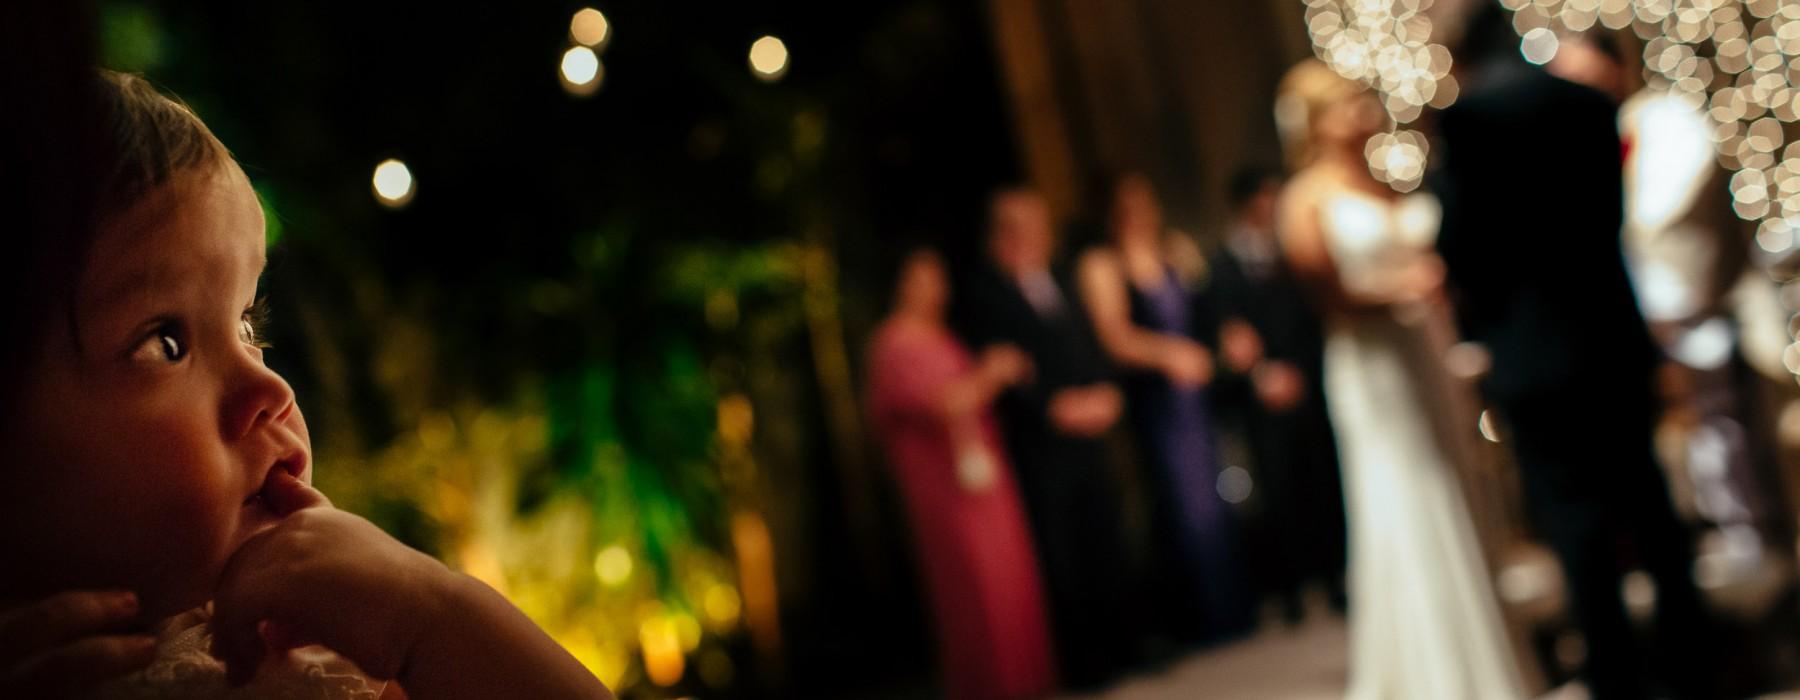 renato dpaula foto de casamento daminha filha noivos fotografia premiada cerimonia